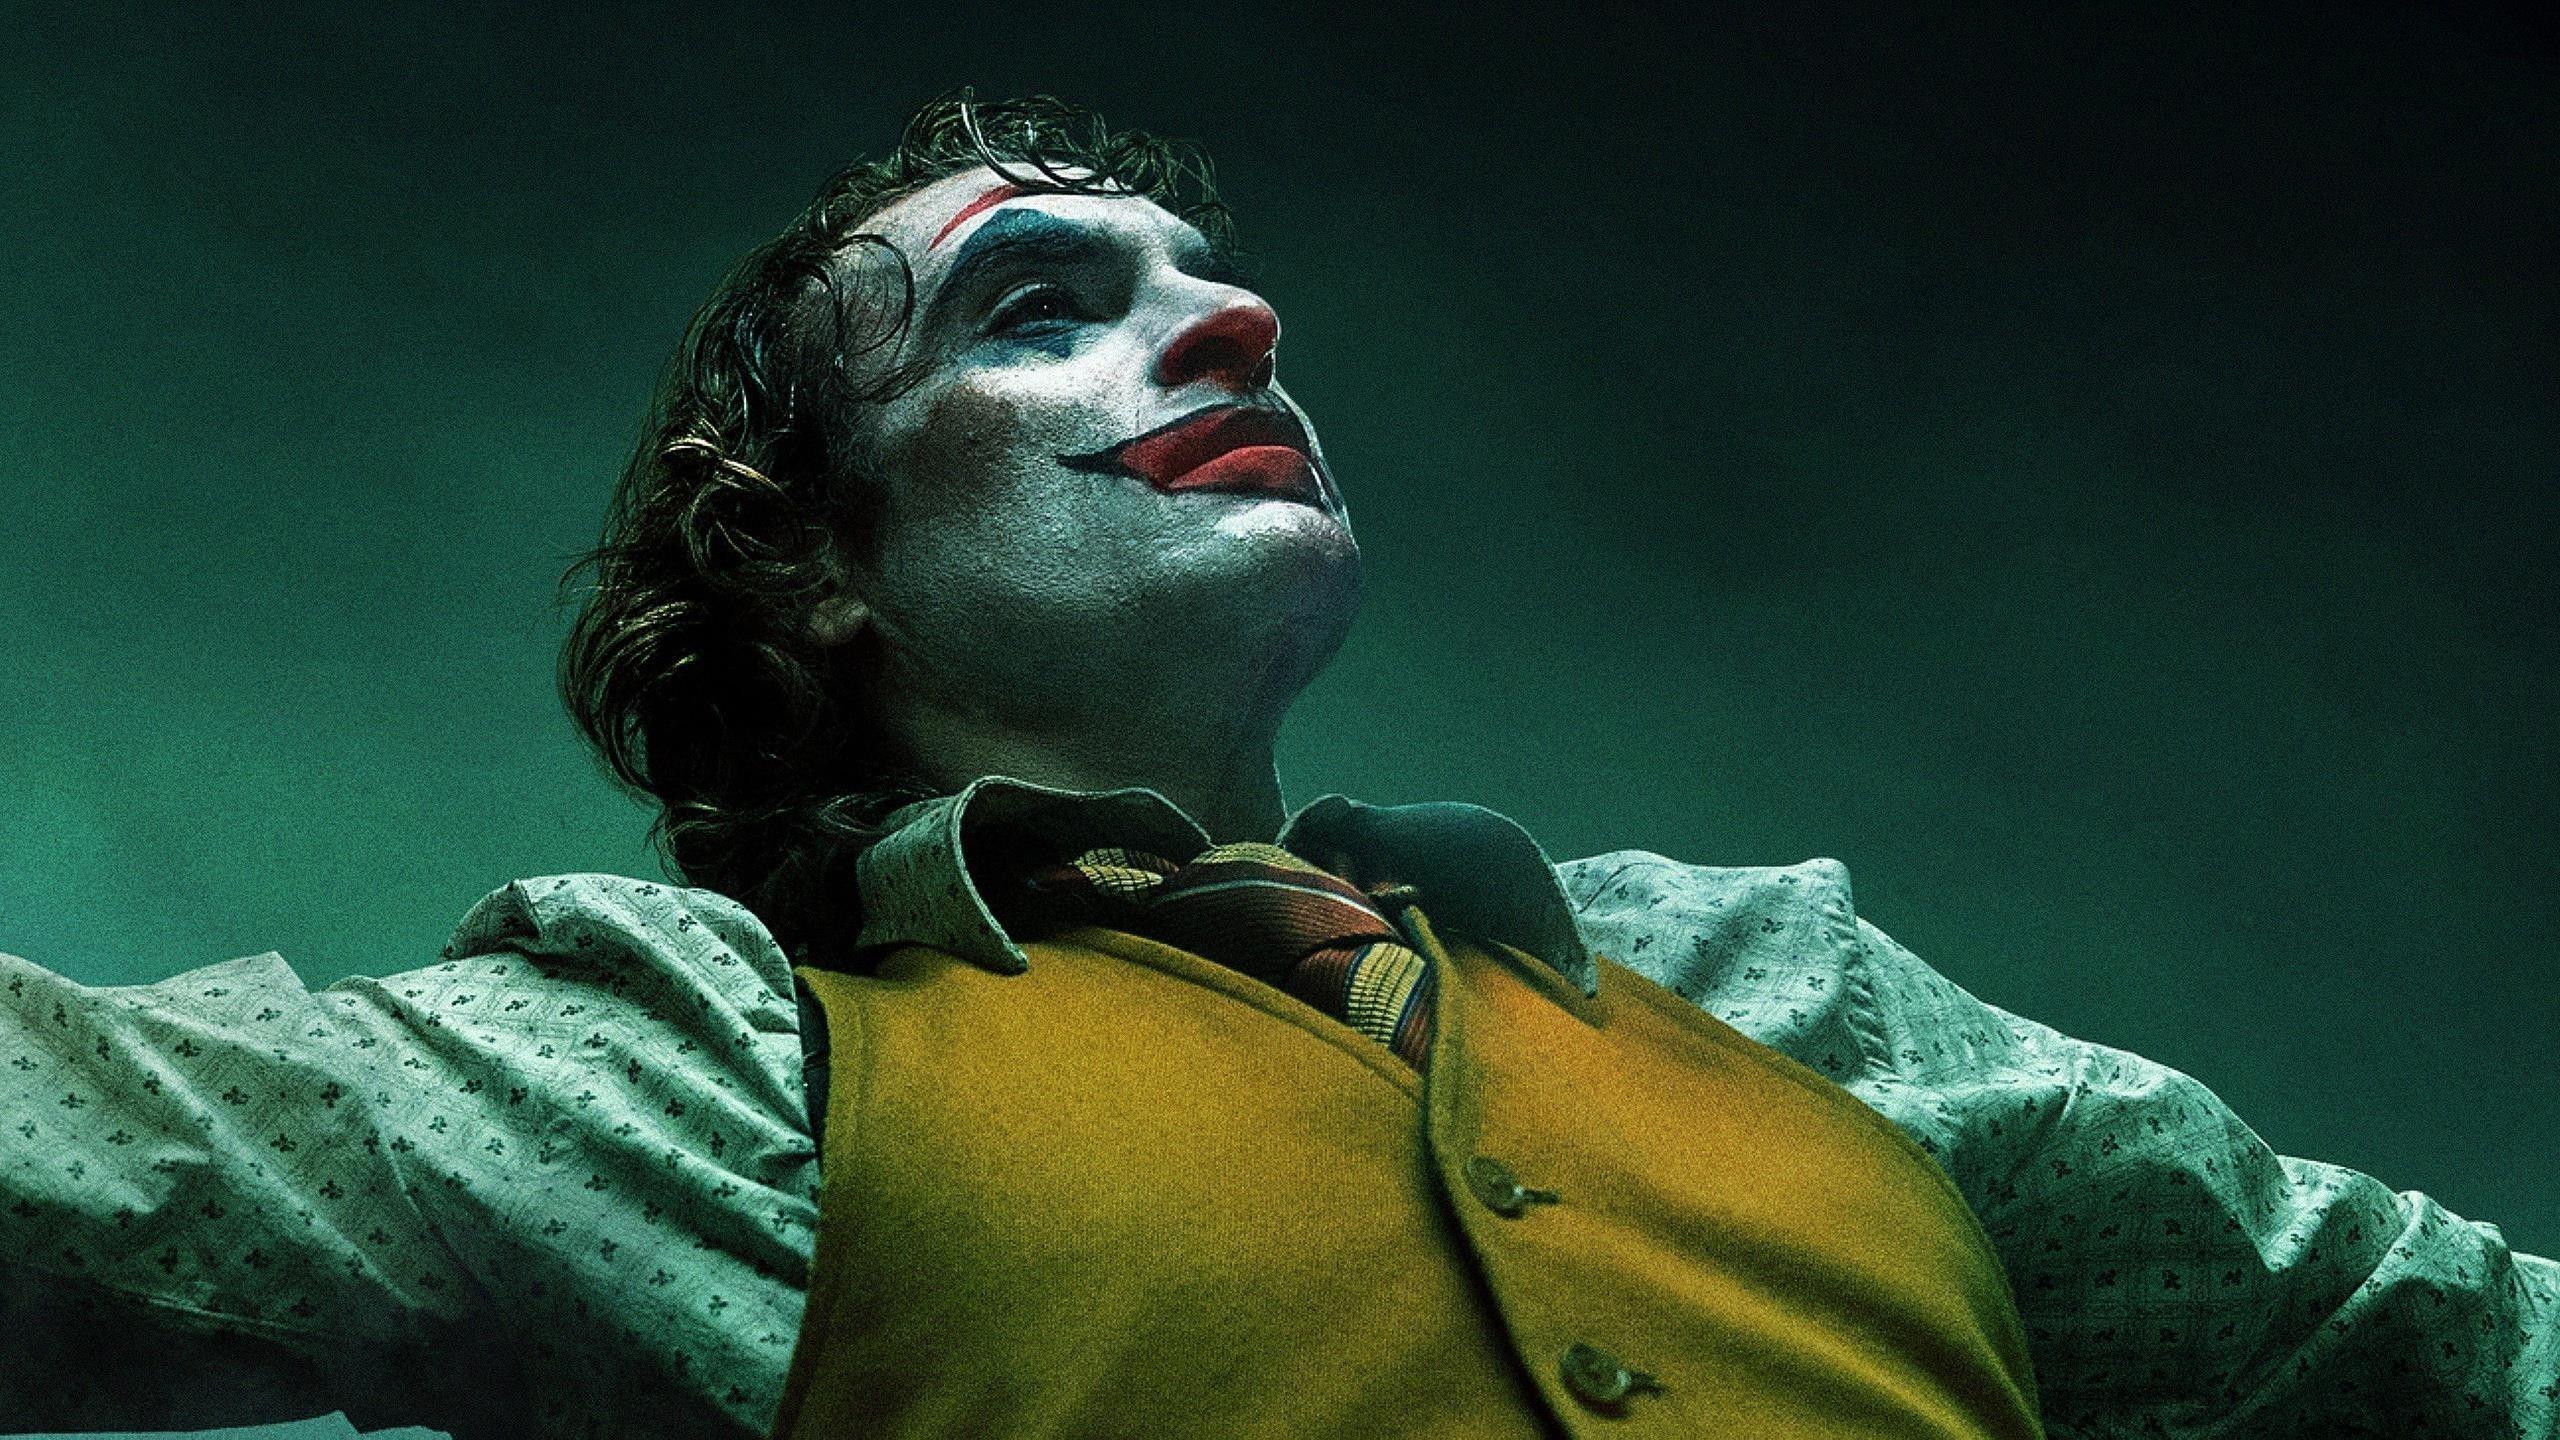 Хоакин Феникс как Джокер 2019 обои скачать